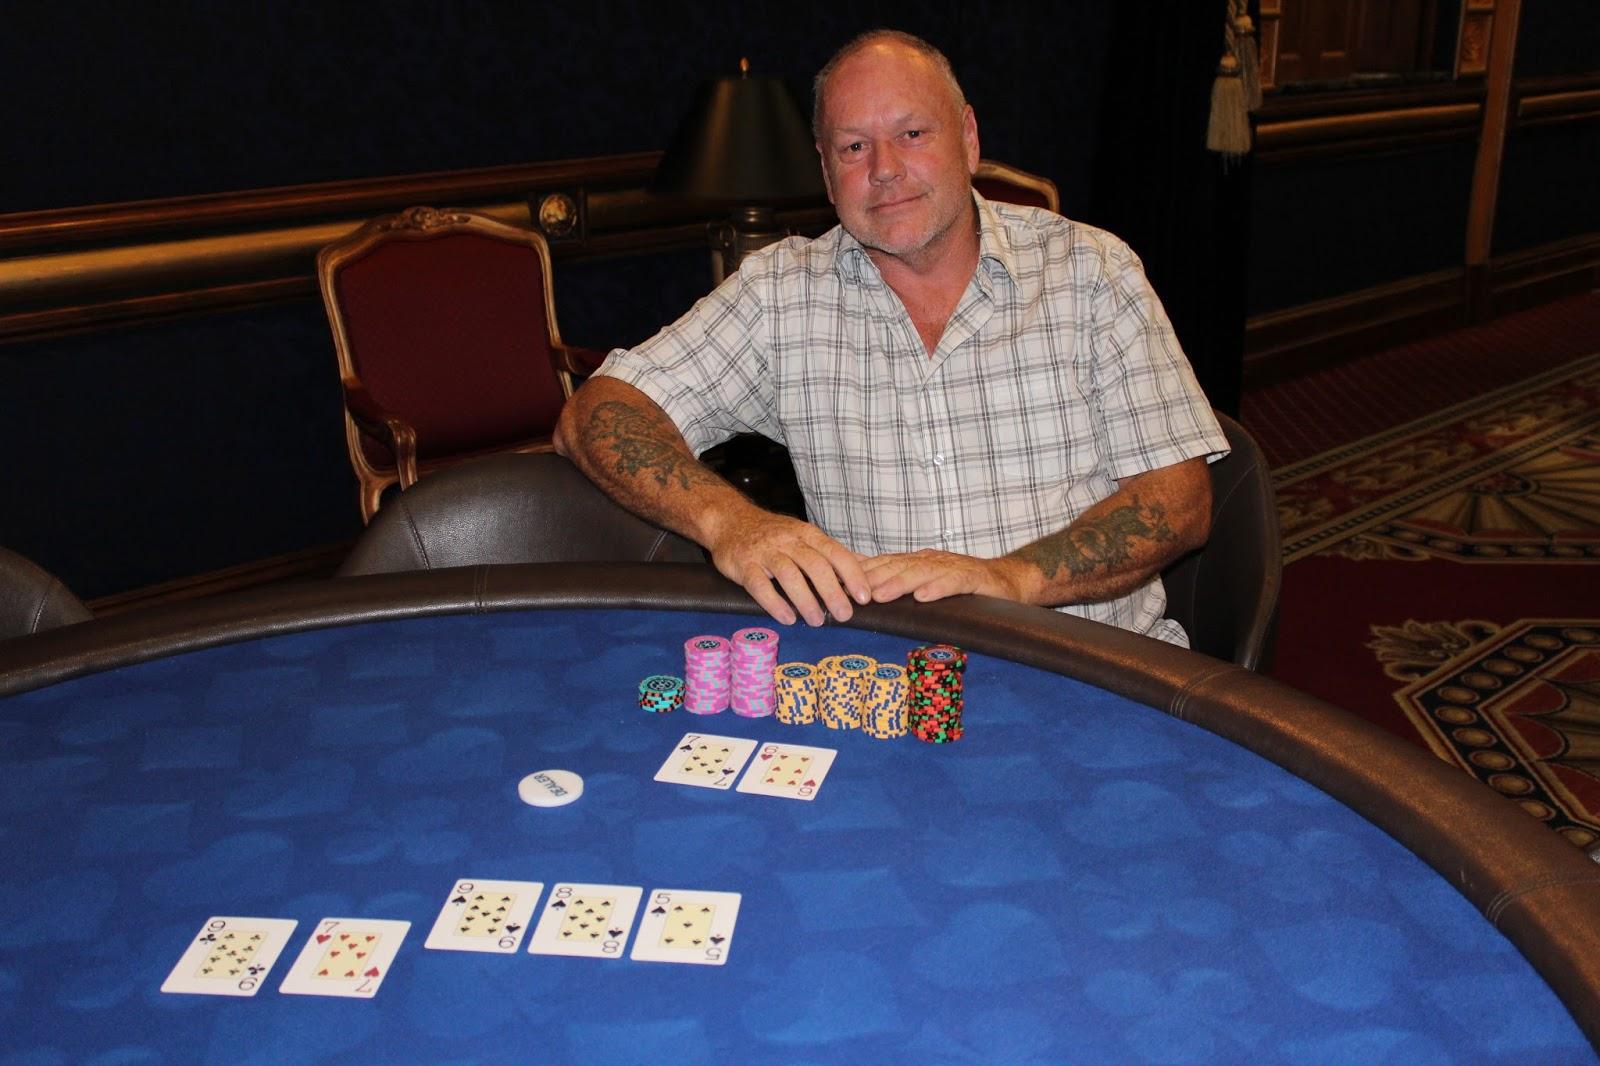 Texas Hold'em Poker Winner